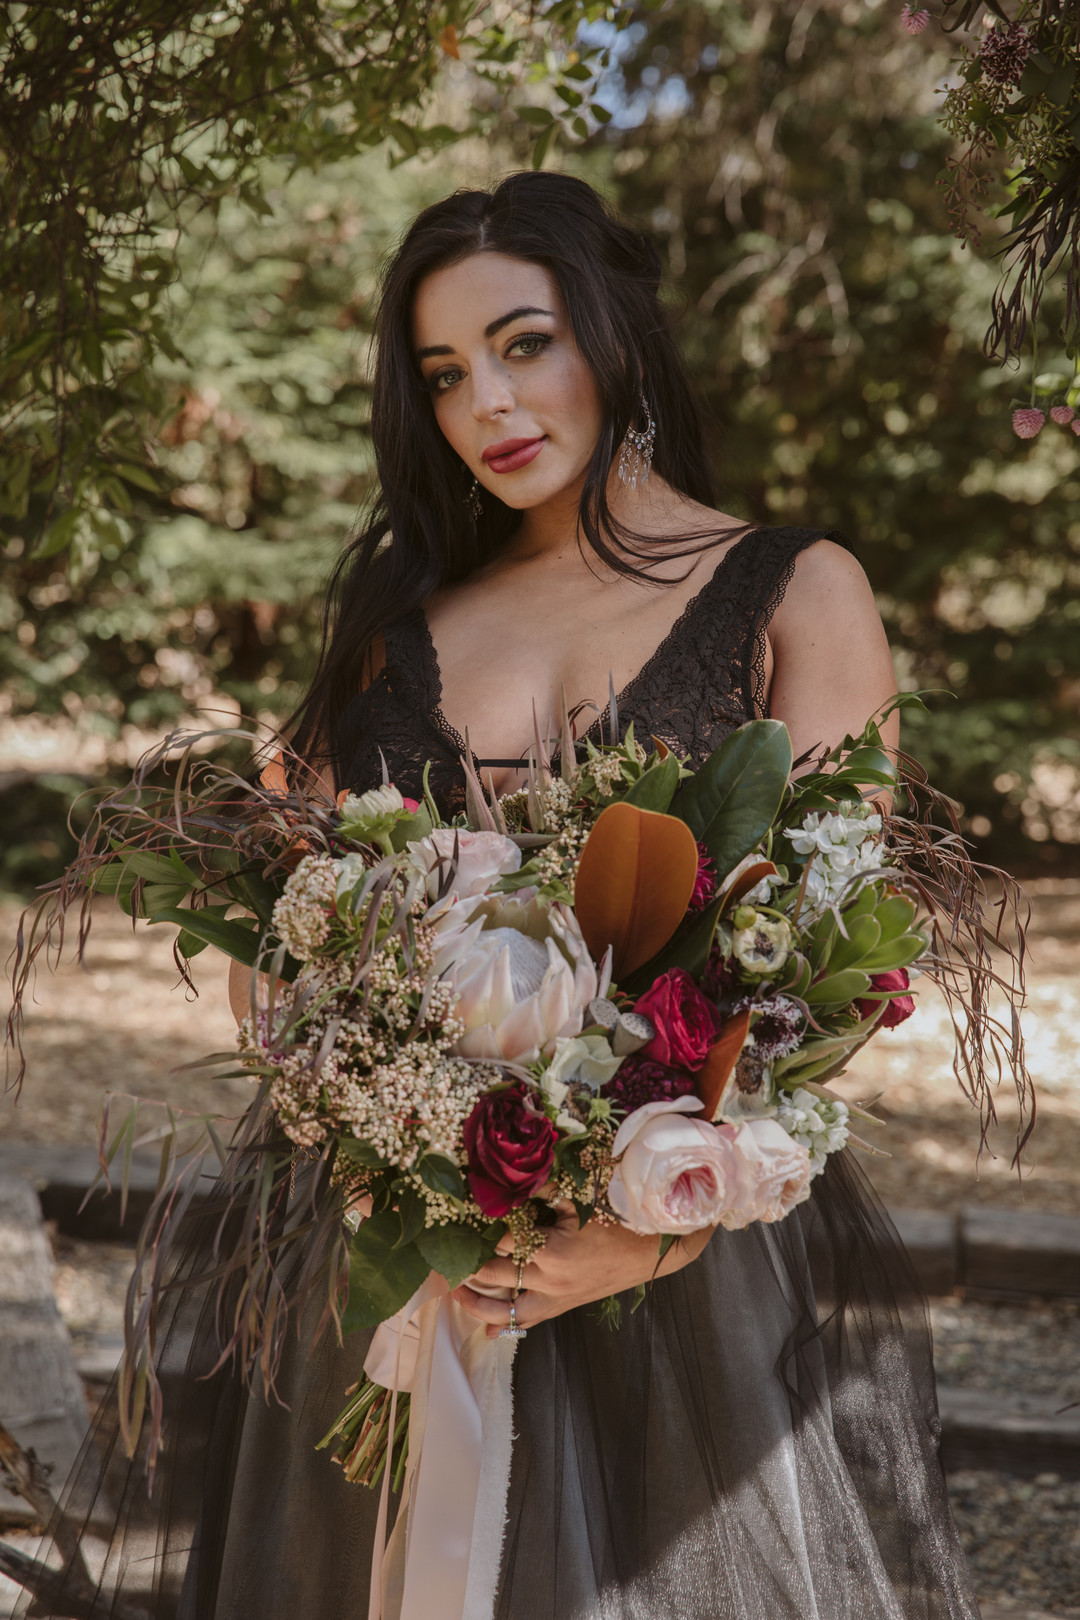 bröllop+moody+bukett